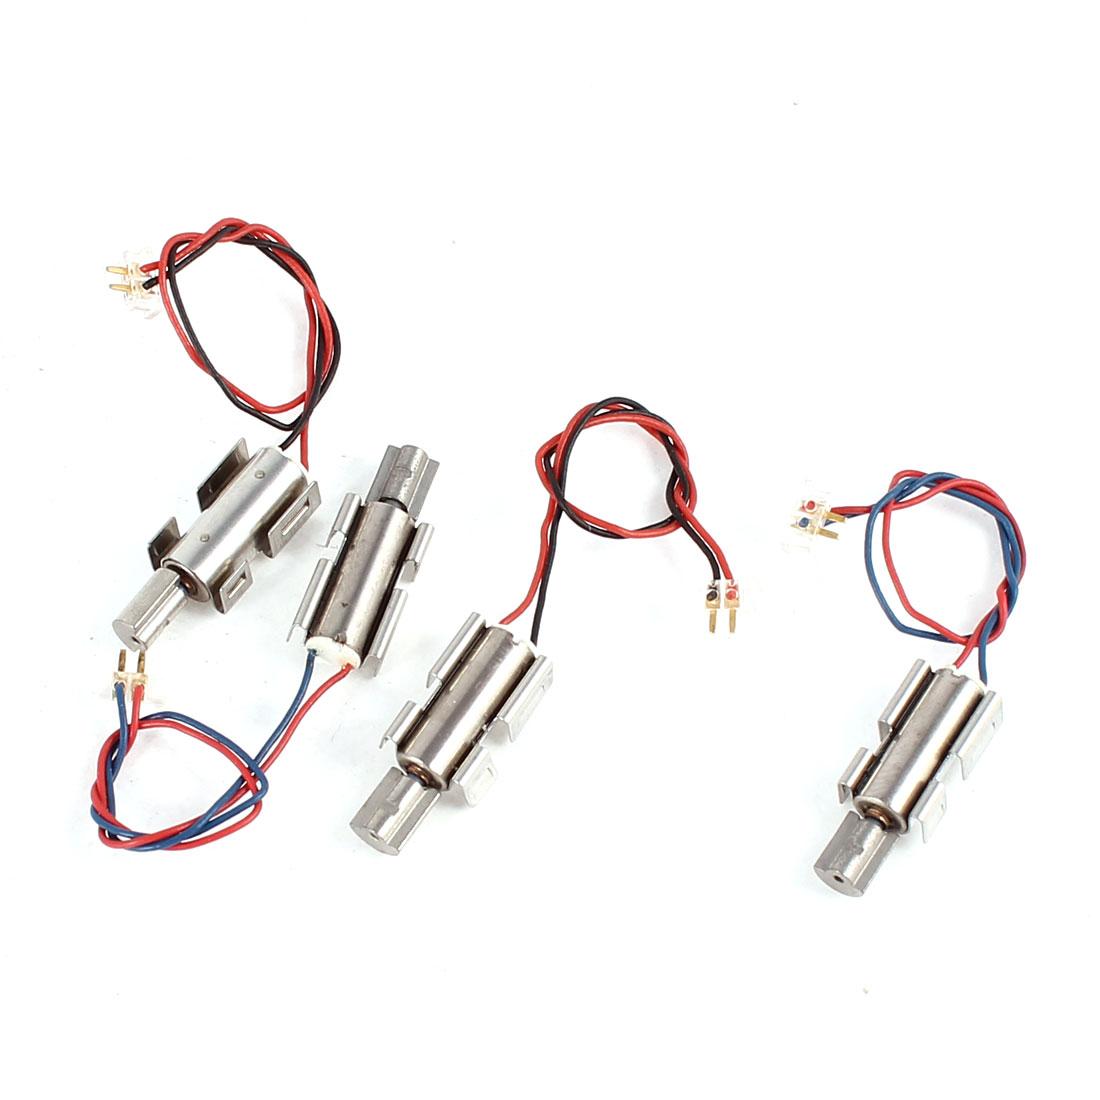 Electric Mini Vibrating Vibration Motor DC 2V-5V Replacement 4 Pcs